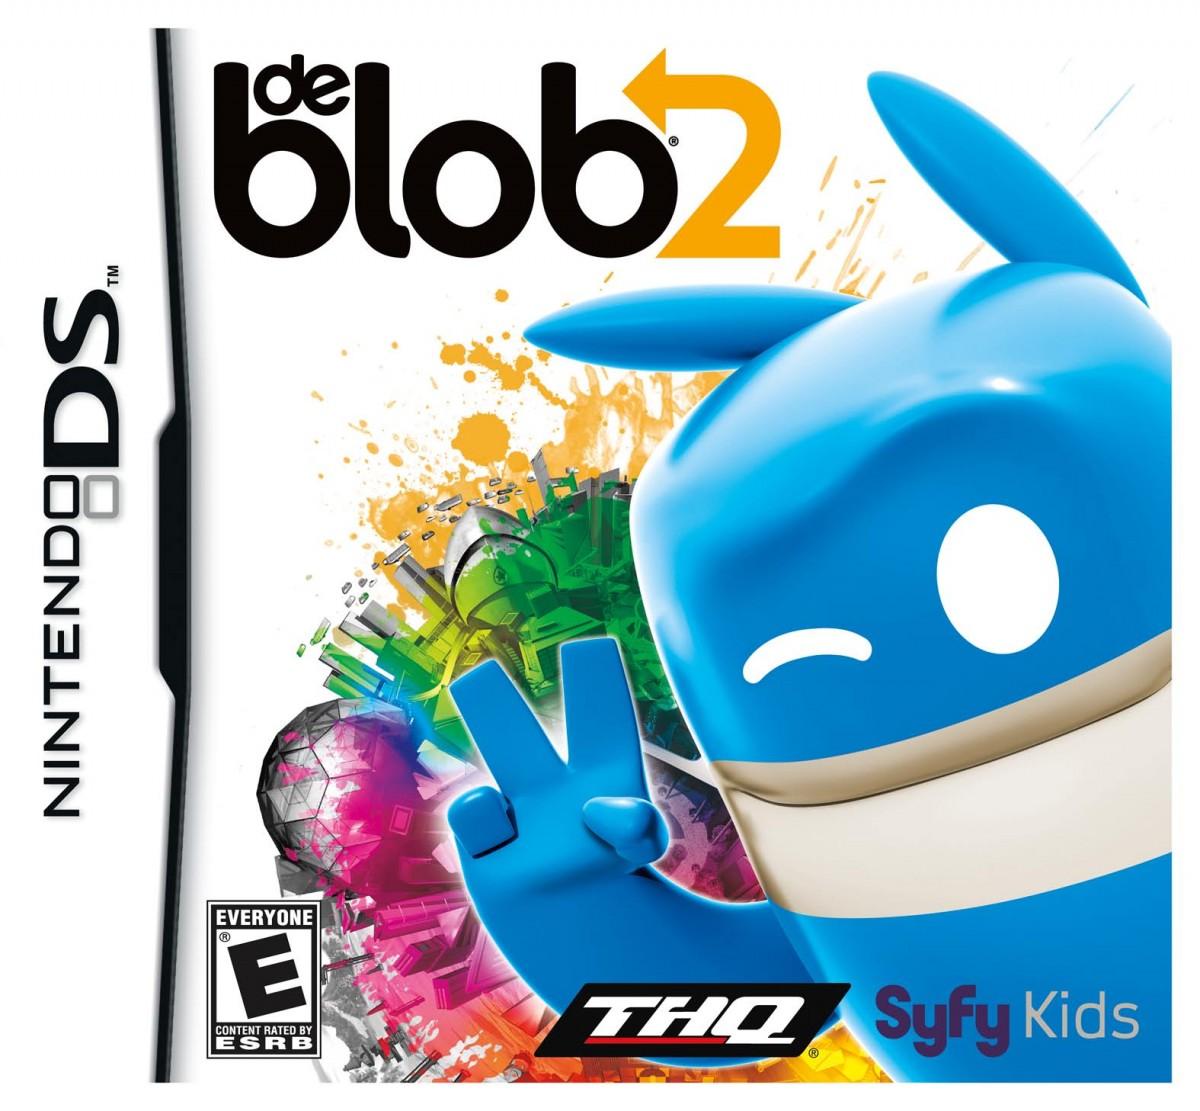 Jaquette DS du jeu